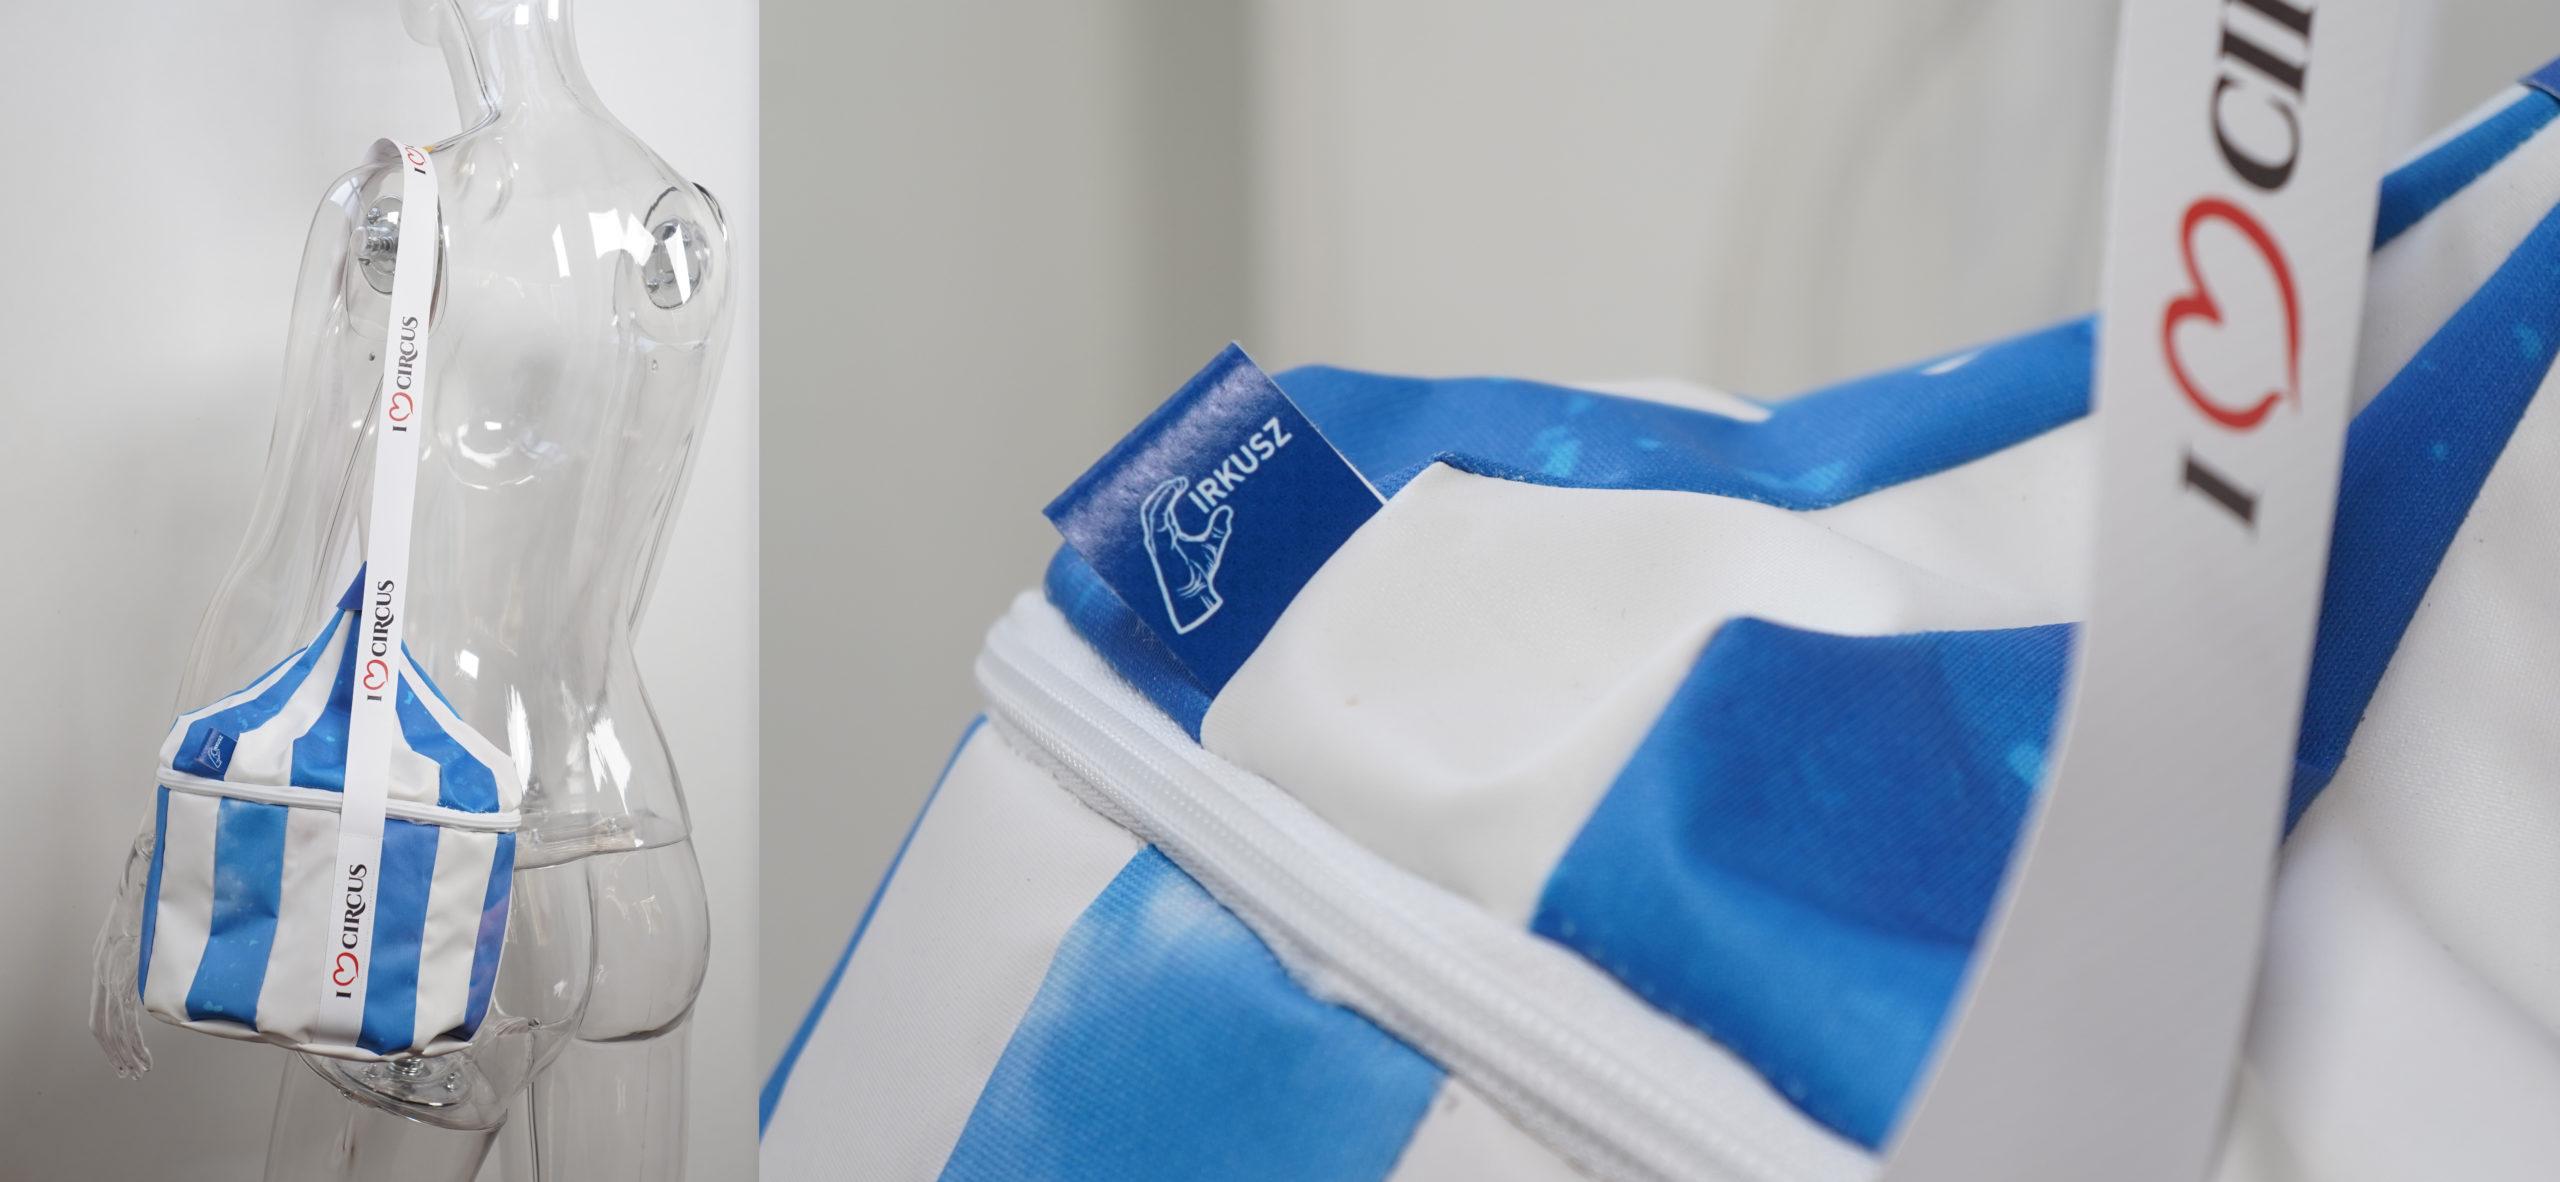 Elkészültek az Európai Hulladékcsökkentési Hét pályázatára az öko-design táskák